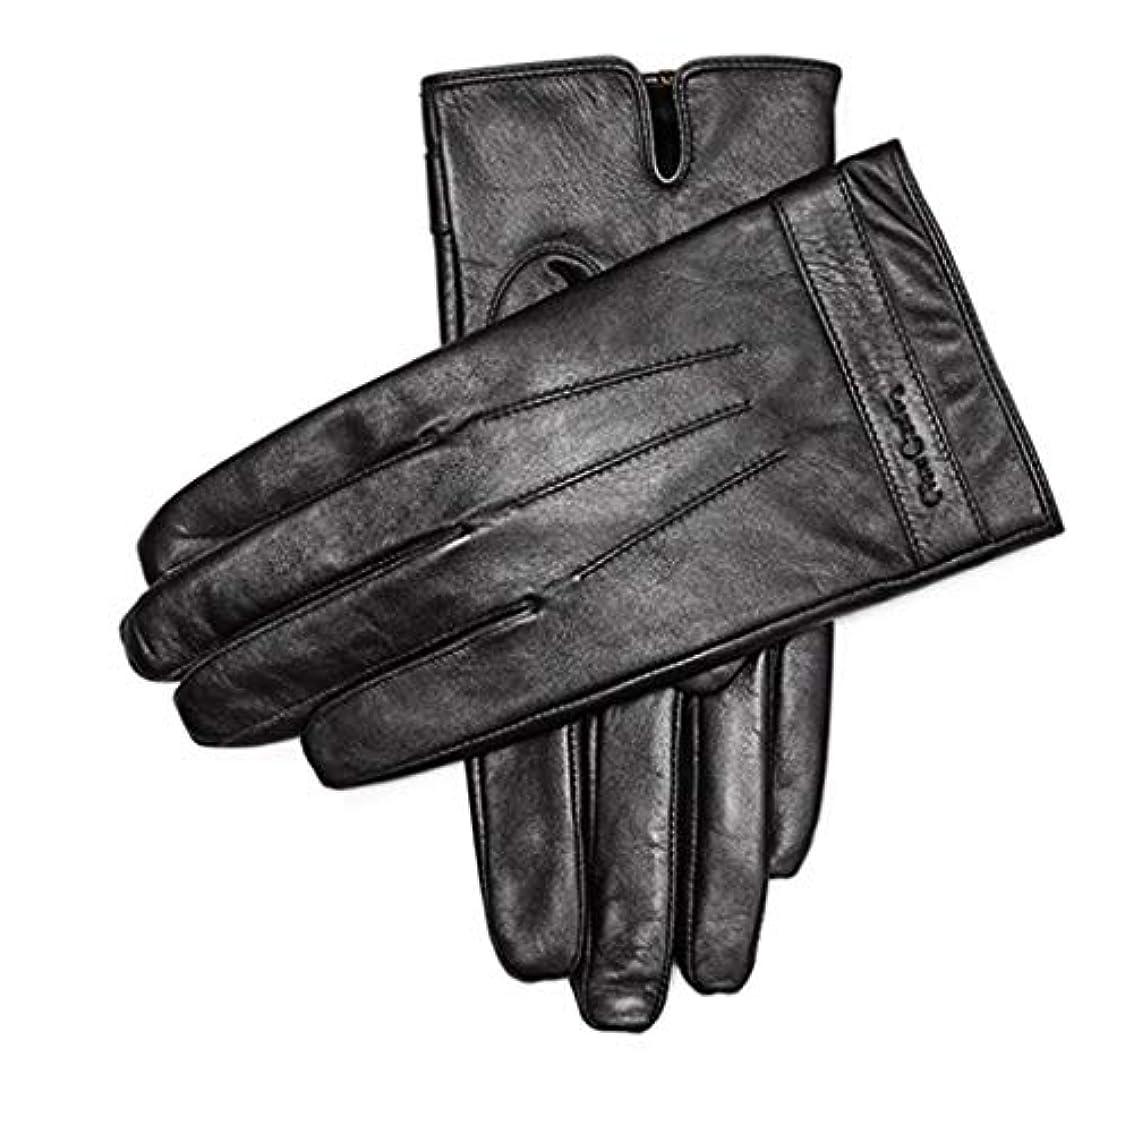 領収書ファセット飼料手袋暖かい肥厚プラスベルベットメンズシープスキン手袋メンズウィンターアンチスキッドサイクリングレザーグローブタッチスクリーンモデル(883191170-1厚いベルベット)L(175 / 65-70KG)